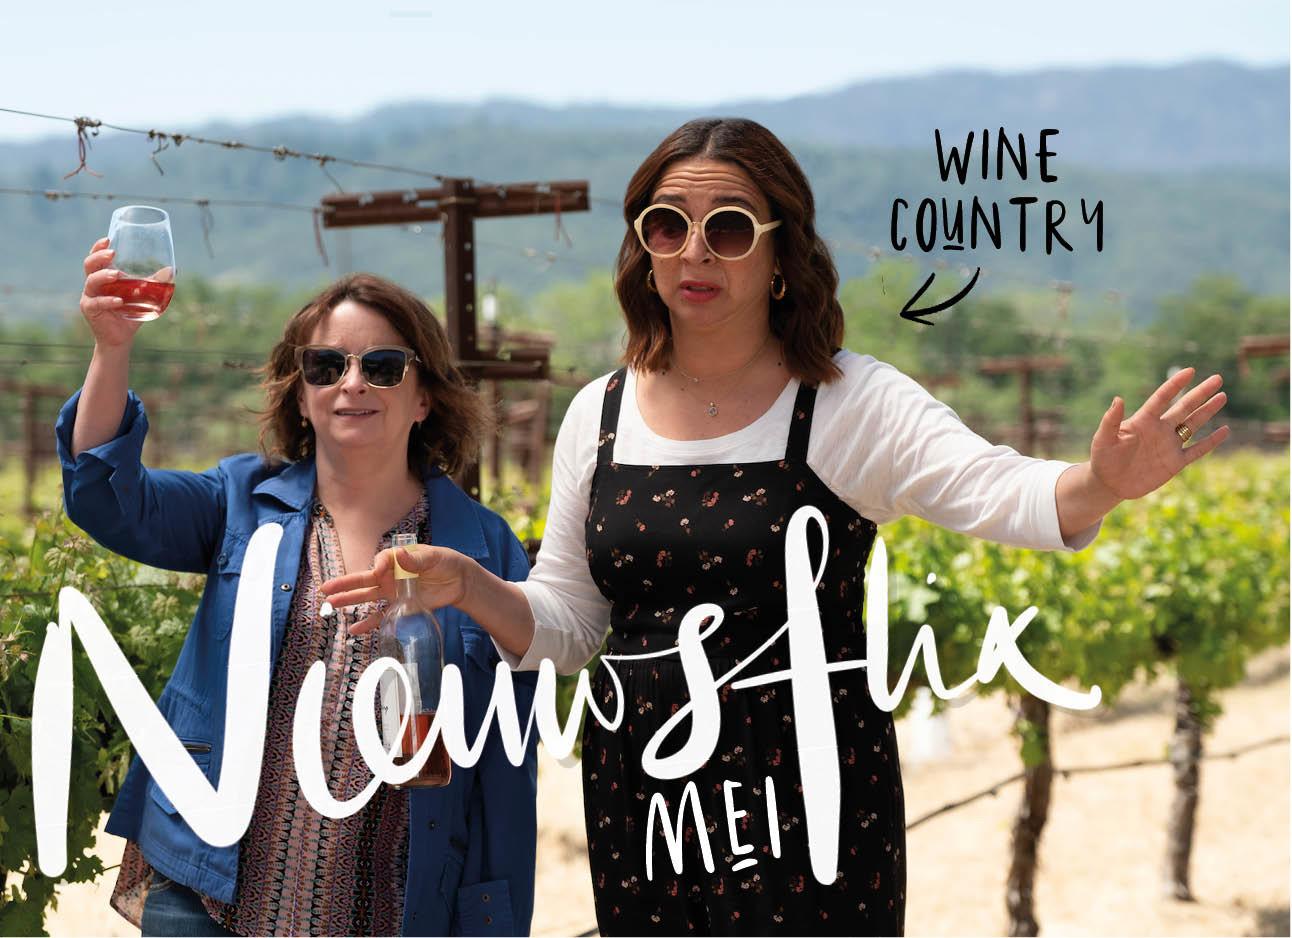 Nieuwsflix Wine country twee vrouwen met een glas wijn en grote zonnebrillen op in de natuur